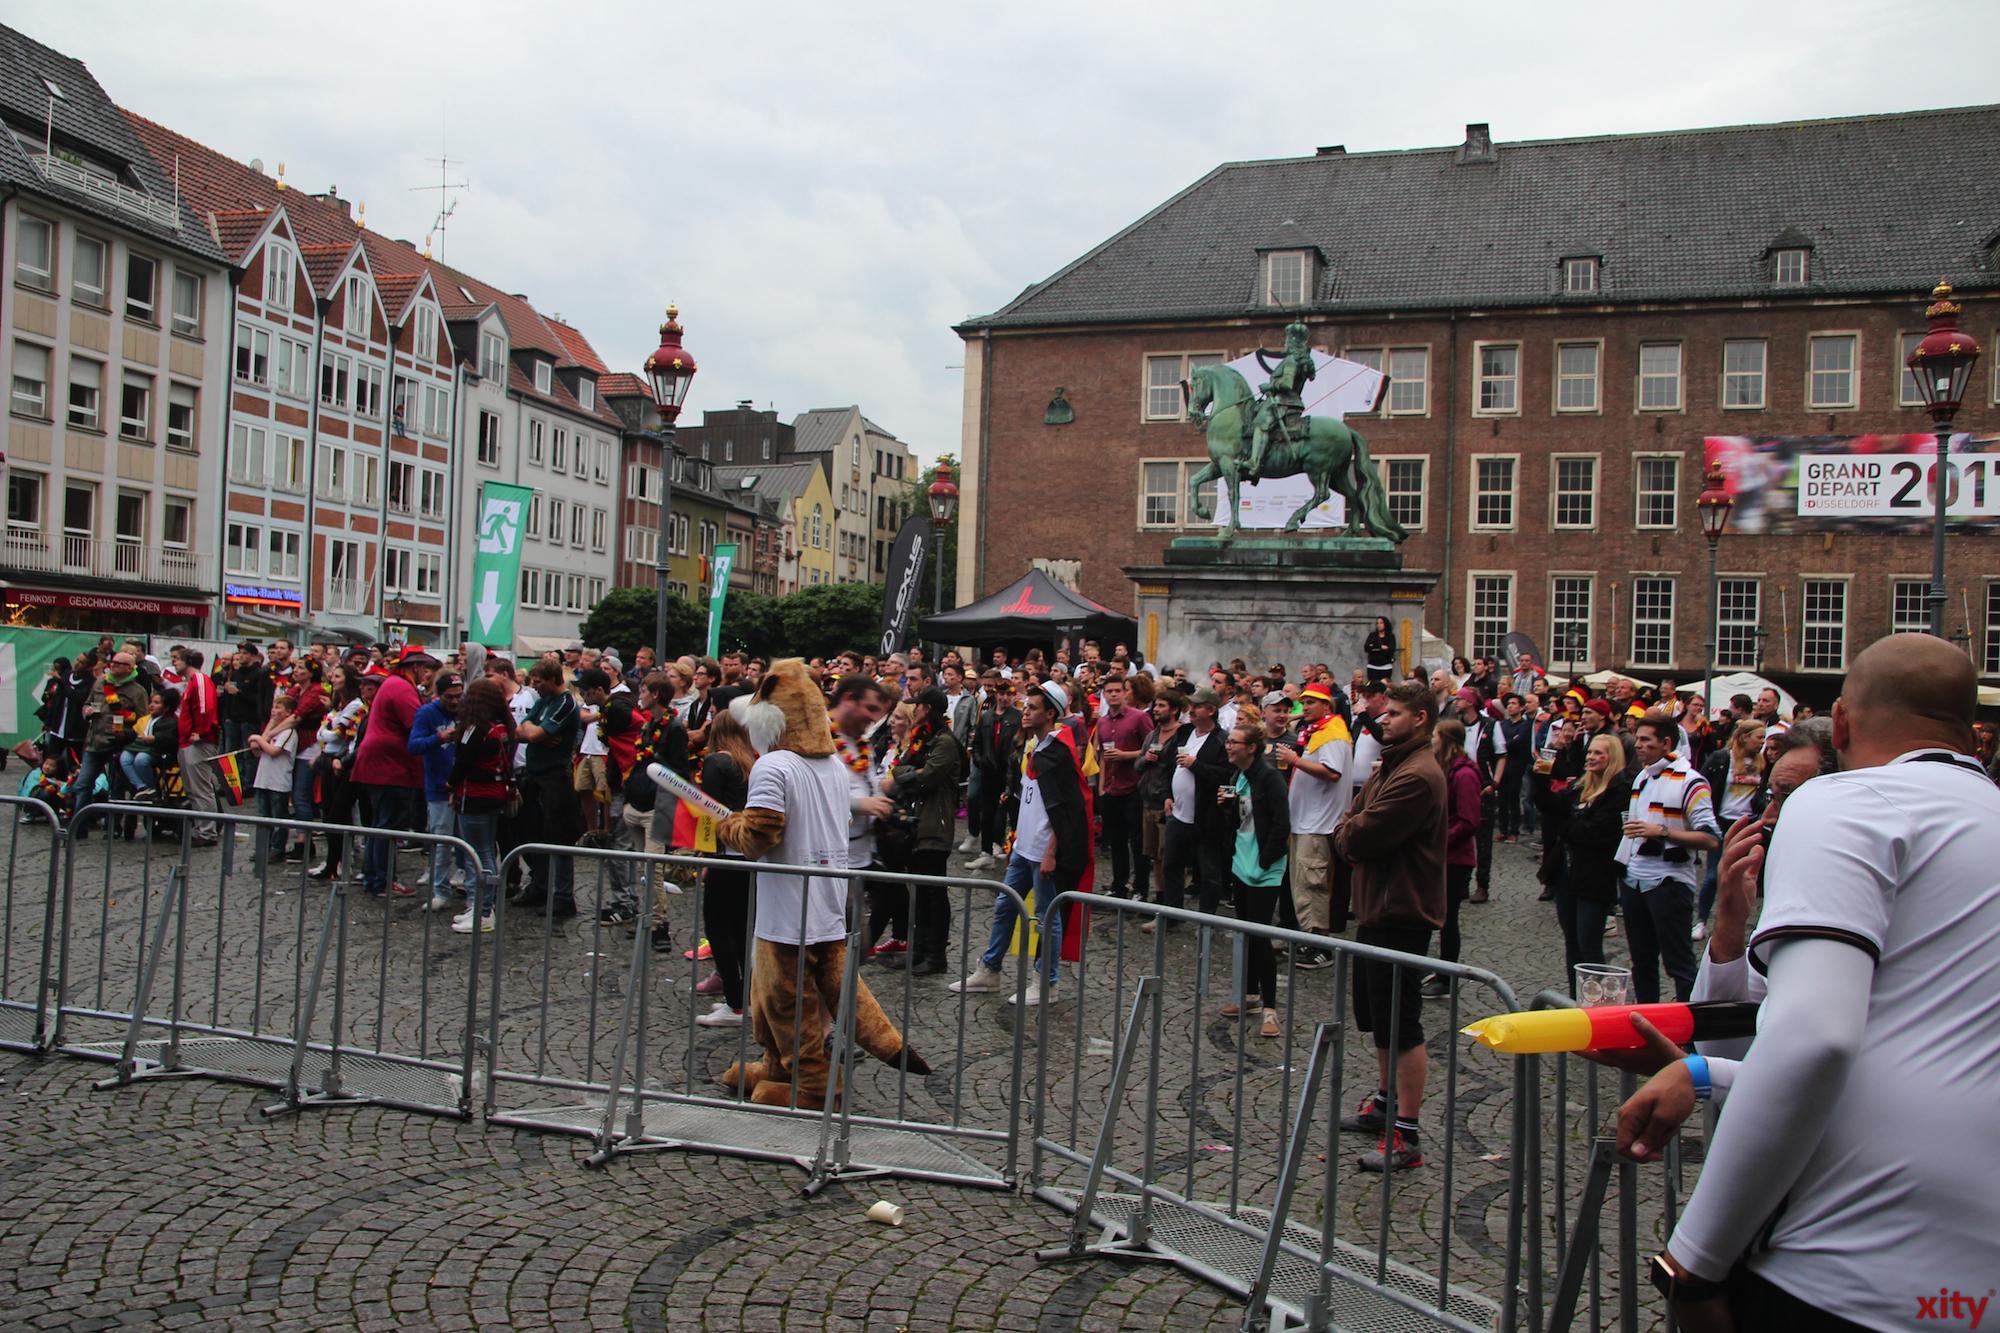 Vor dem Rathaus versammelten sich rund 500 Fans. (Foto: xity)